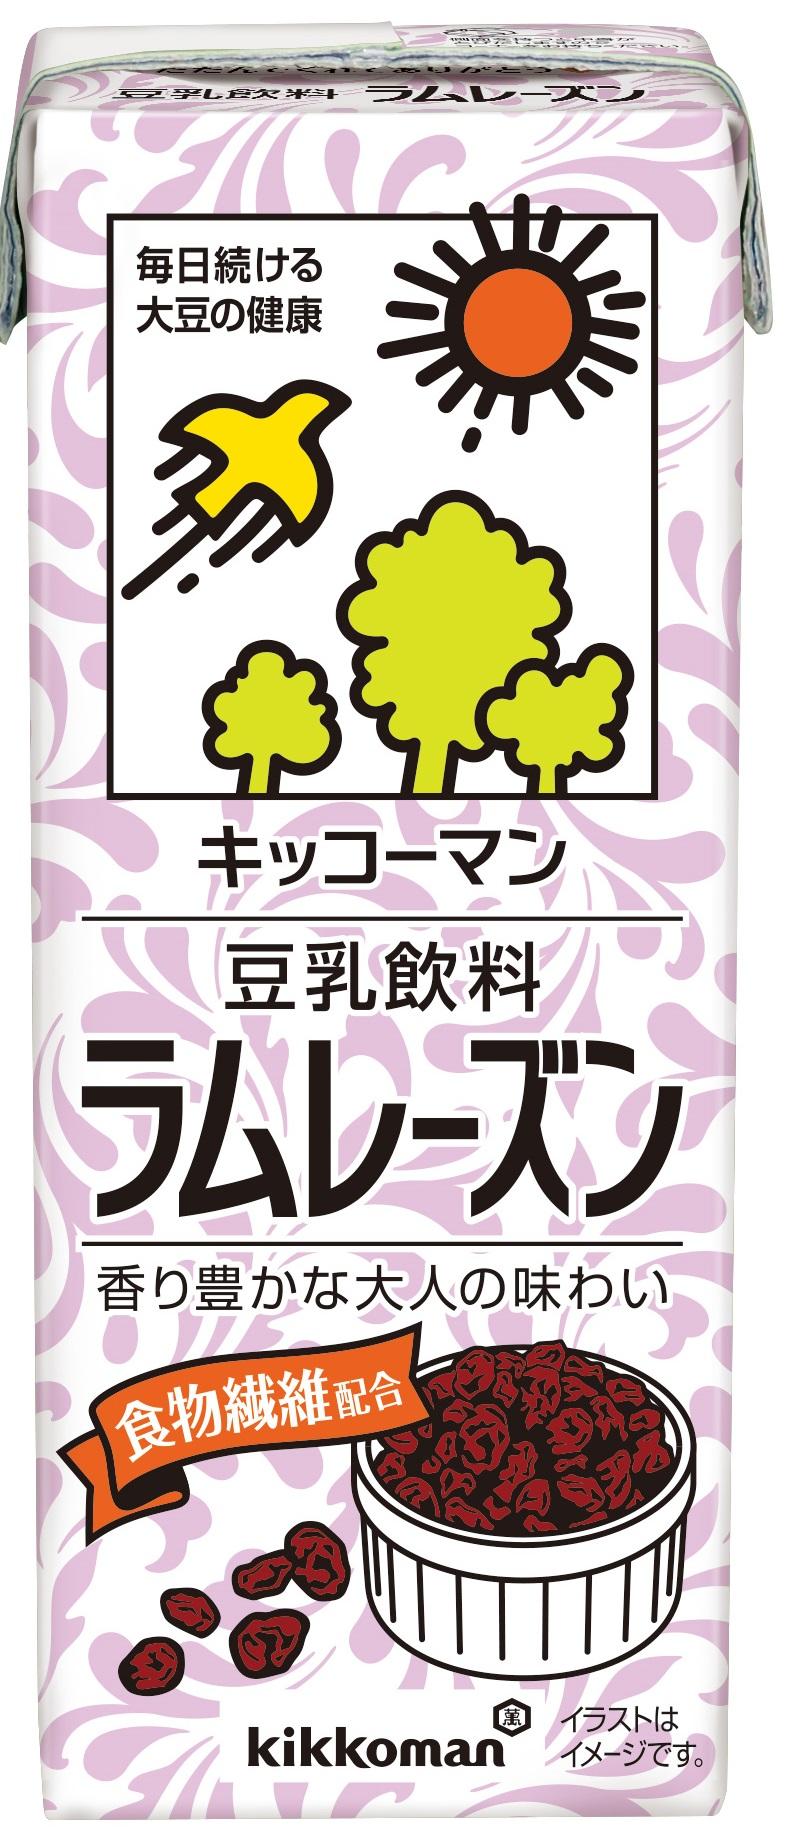 チルド飲料豆乳キッコーマン豆乳飲料ラムレーズ200ml